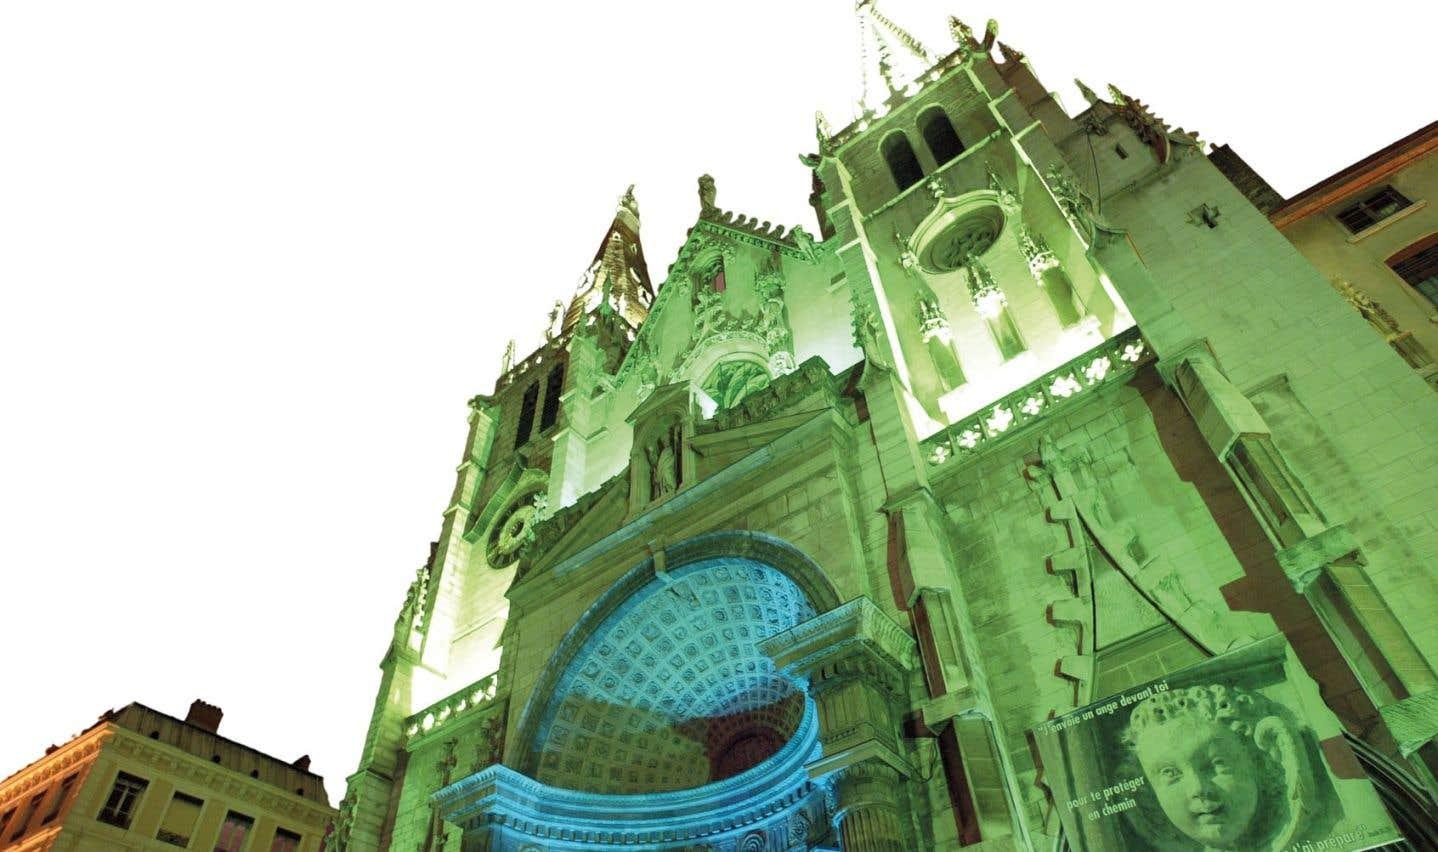 L'église Saint-Nizier de Lyon, éclairée lors de la Fête des lumières